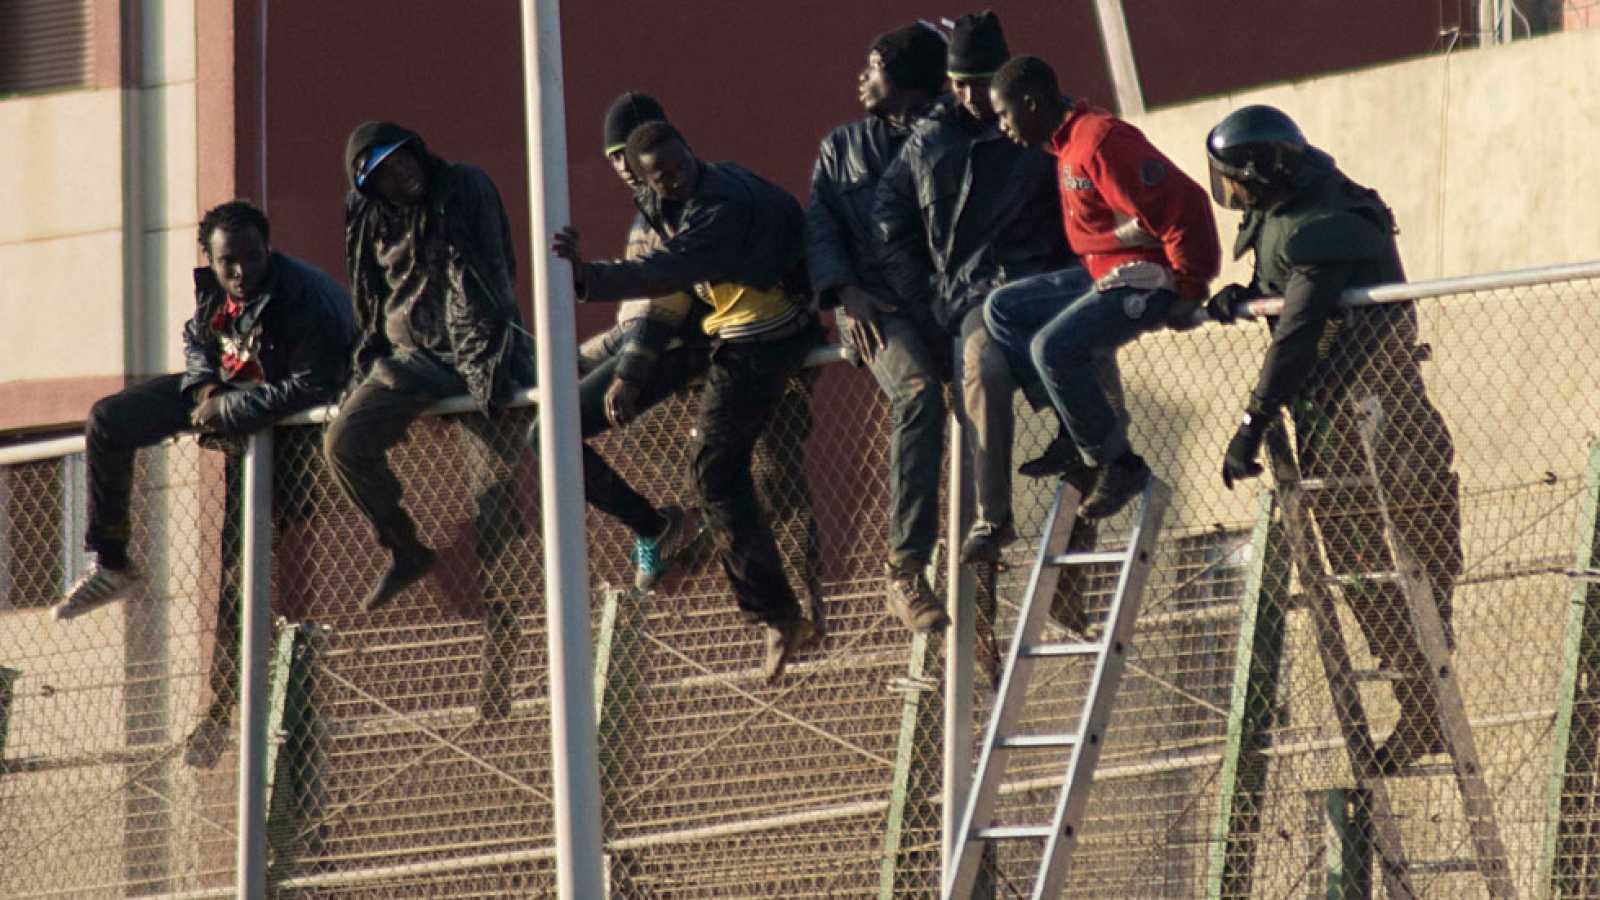 102 inmigrantes subsaharianos logran entrar en Melilla en un nuevo salto a la valla